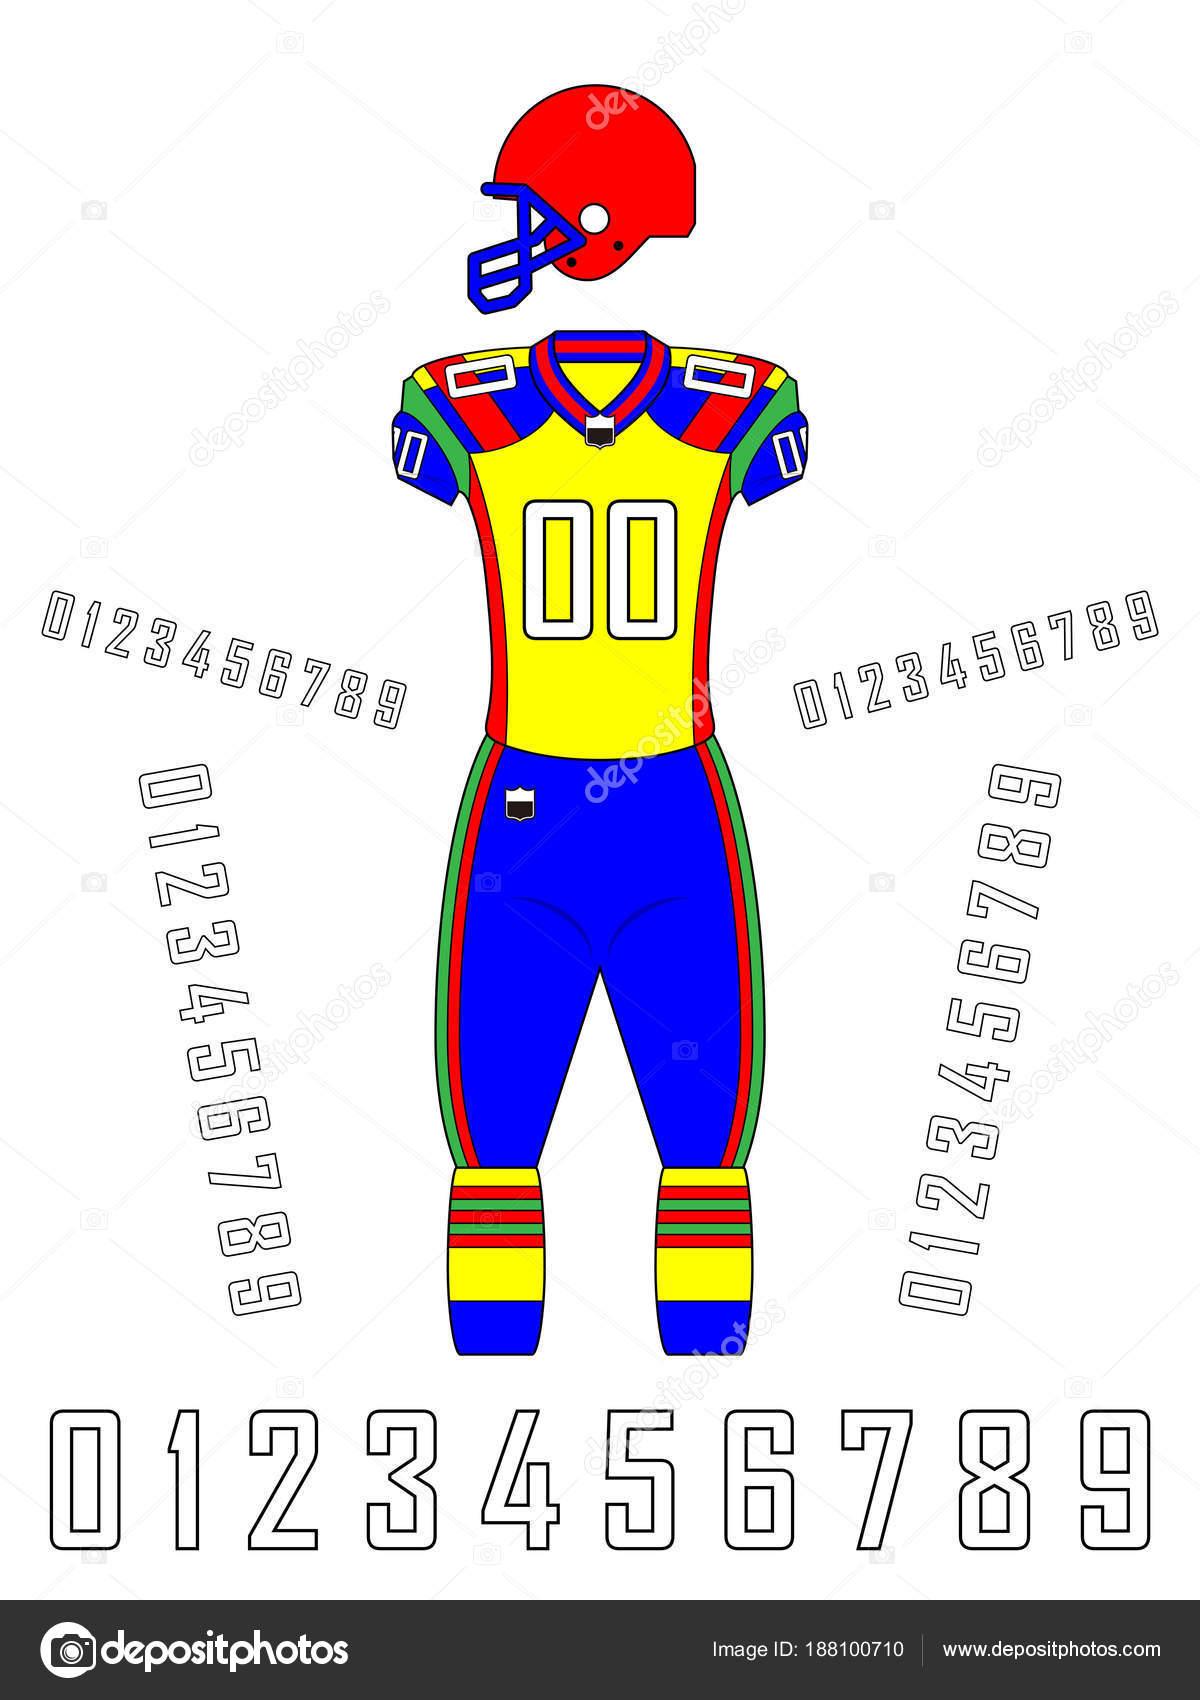 Modelo de uniformes de futebol americano — Vetores de Stock ... 6e8b8a77f01fd